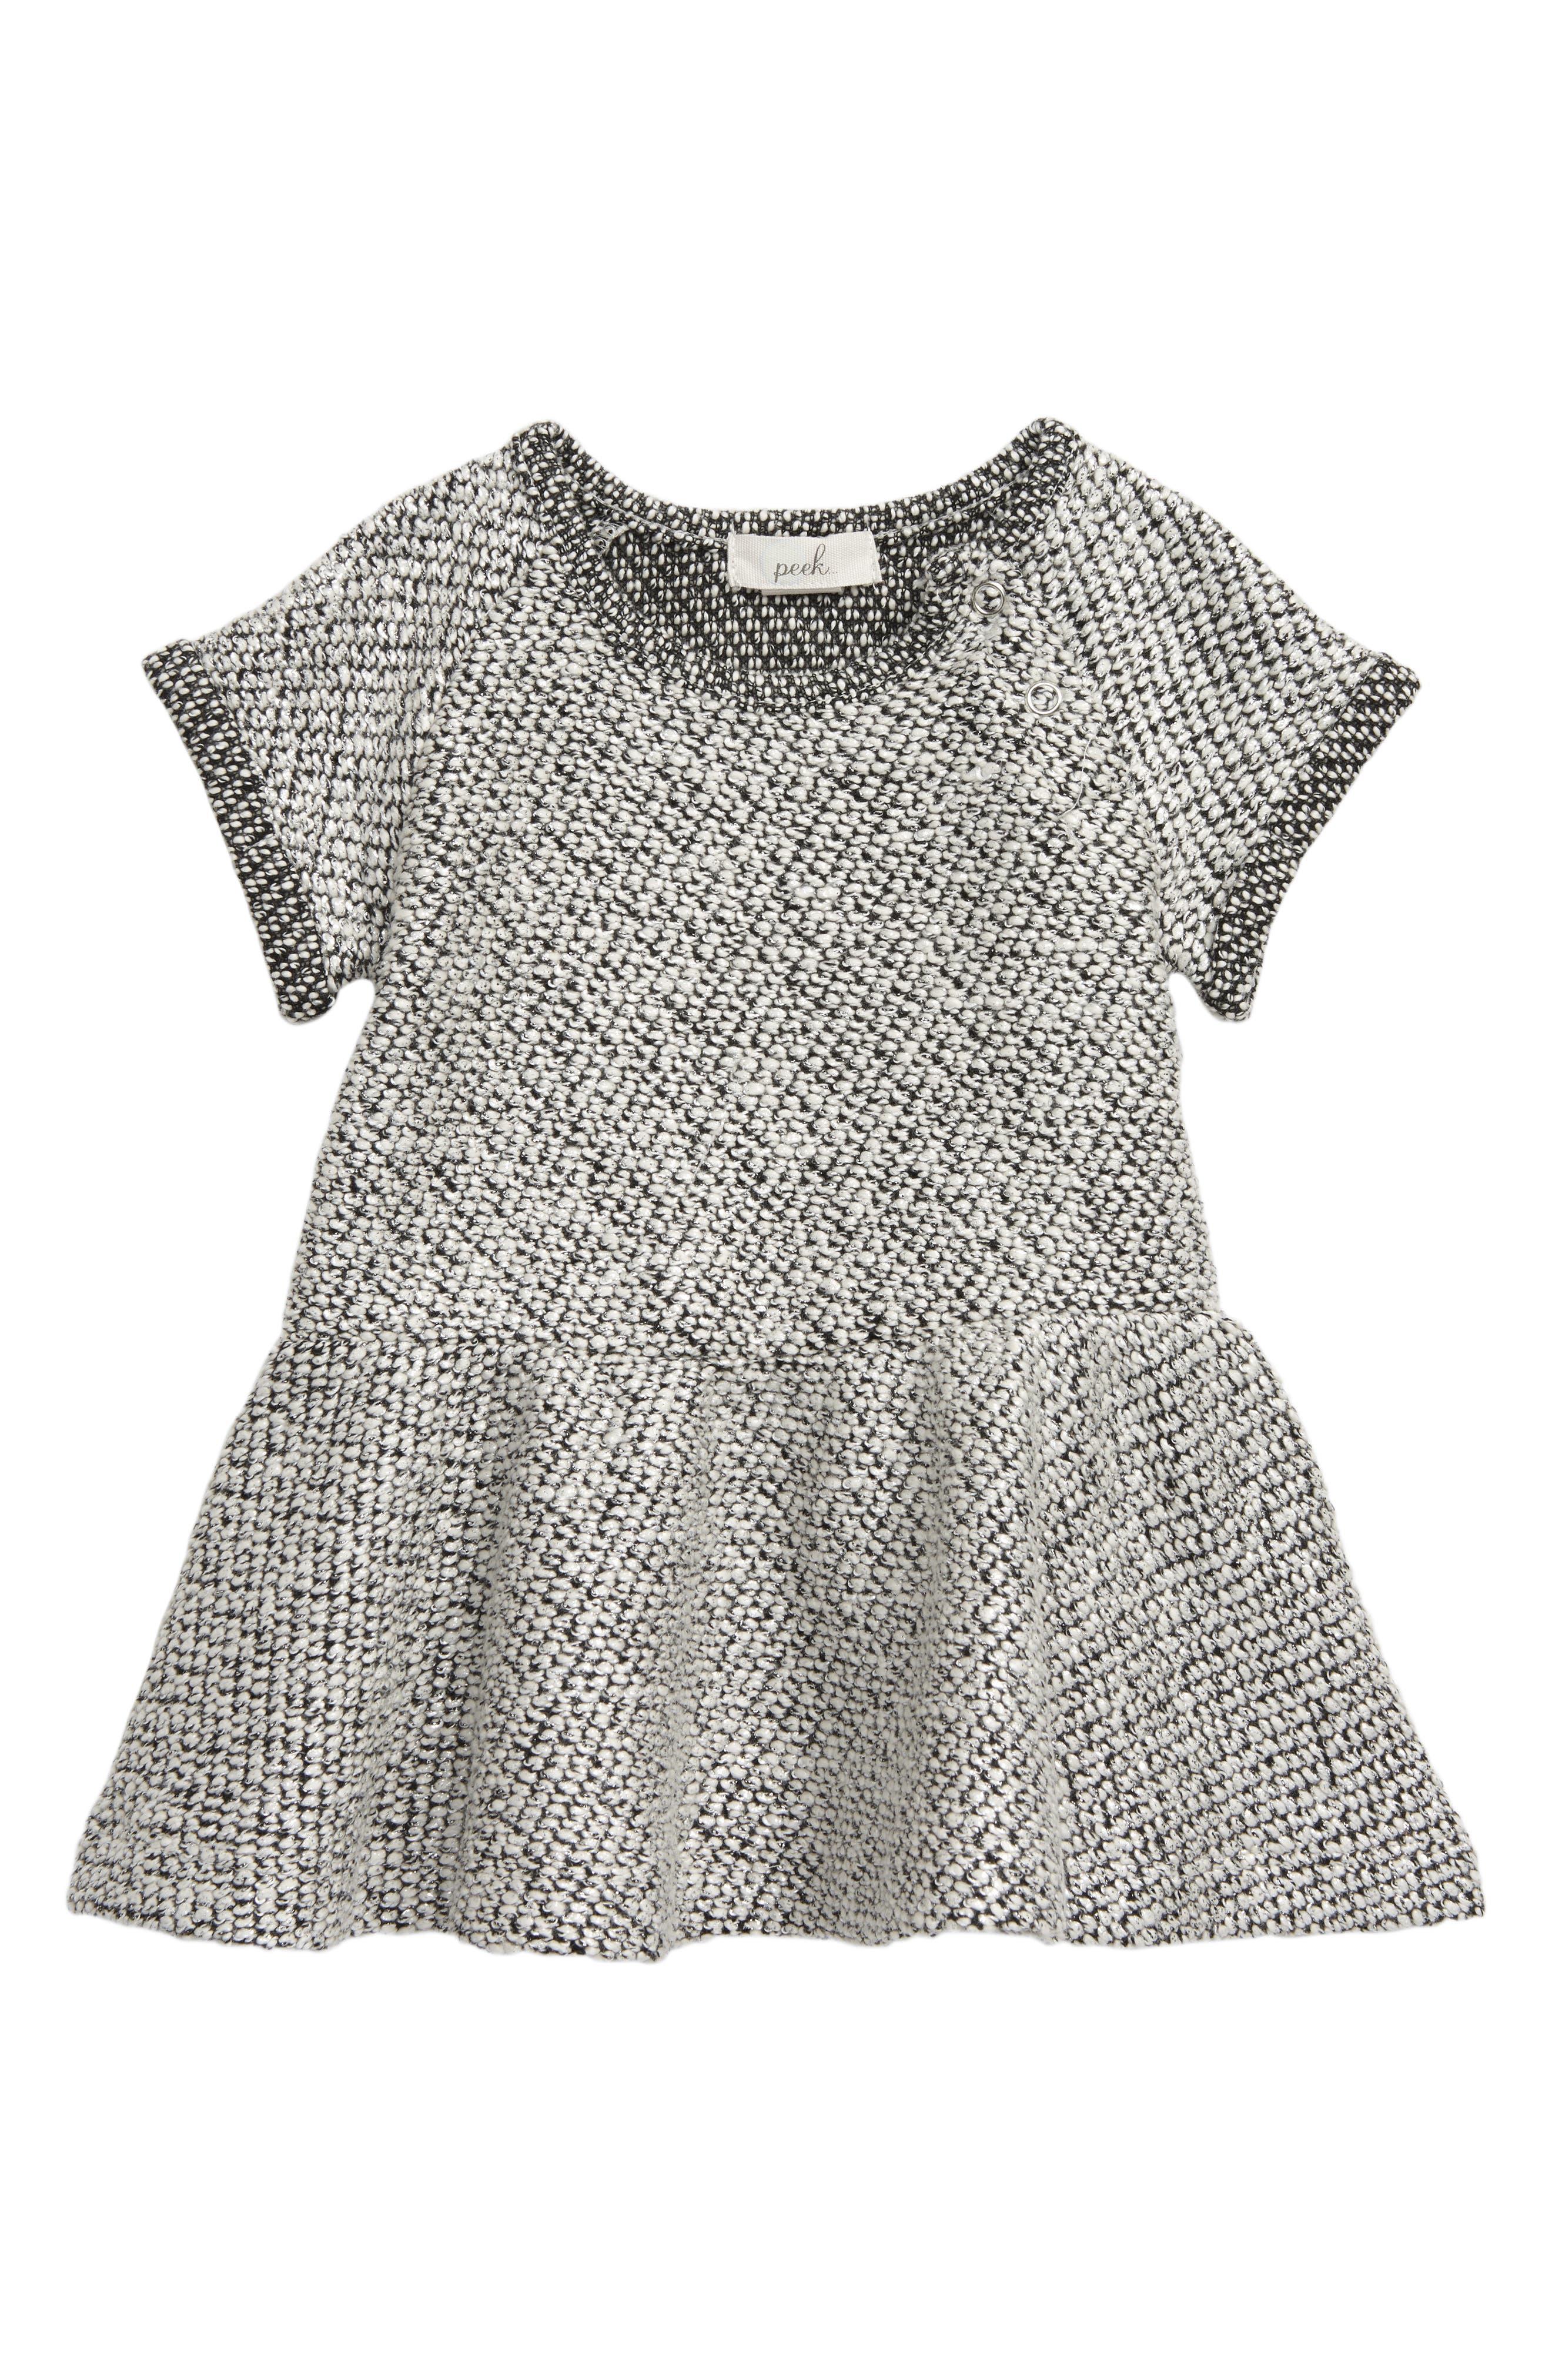 Image of PEEK ESSENTIALS Kristina Marled Knit Sweater Dress